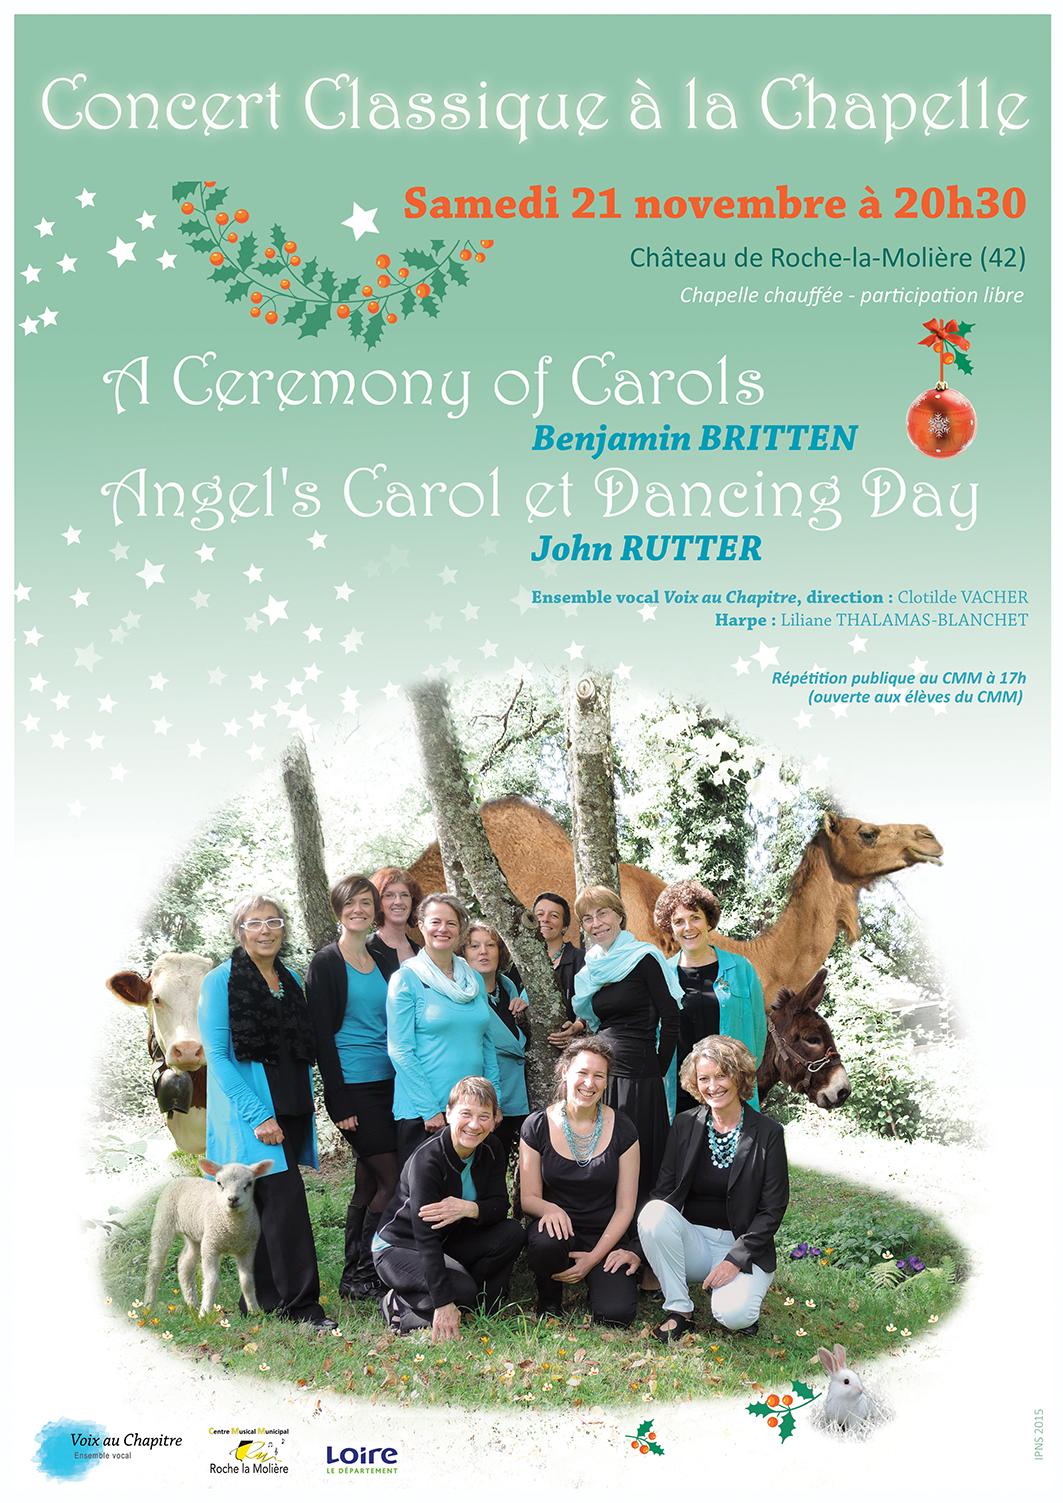 Mail concert classique chapelle cmm roche voixauchapitre 2015